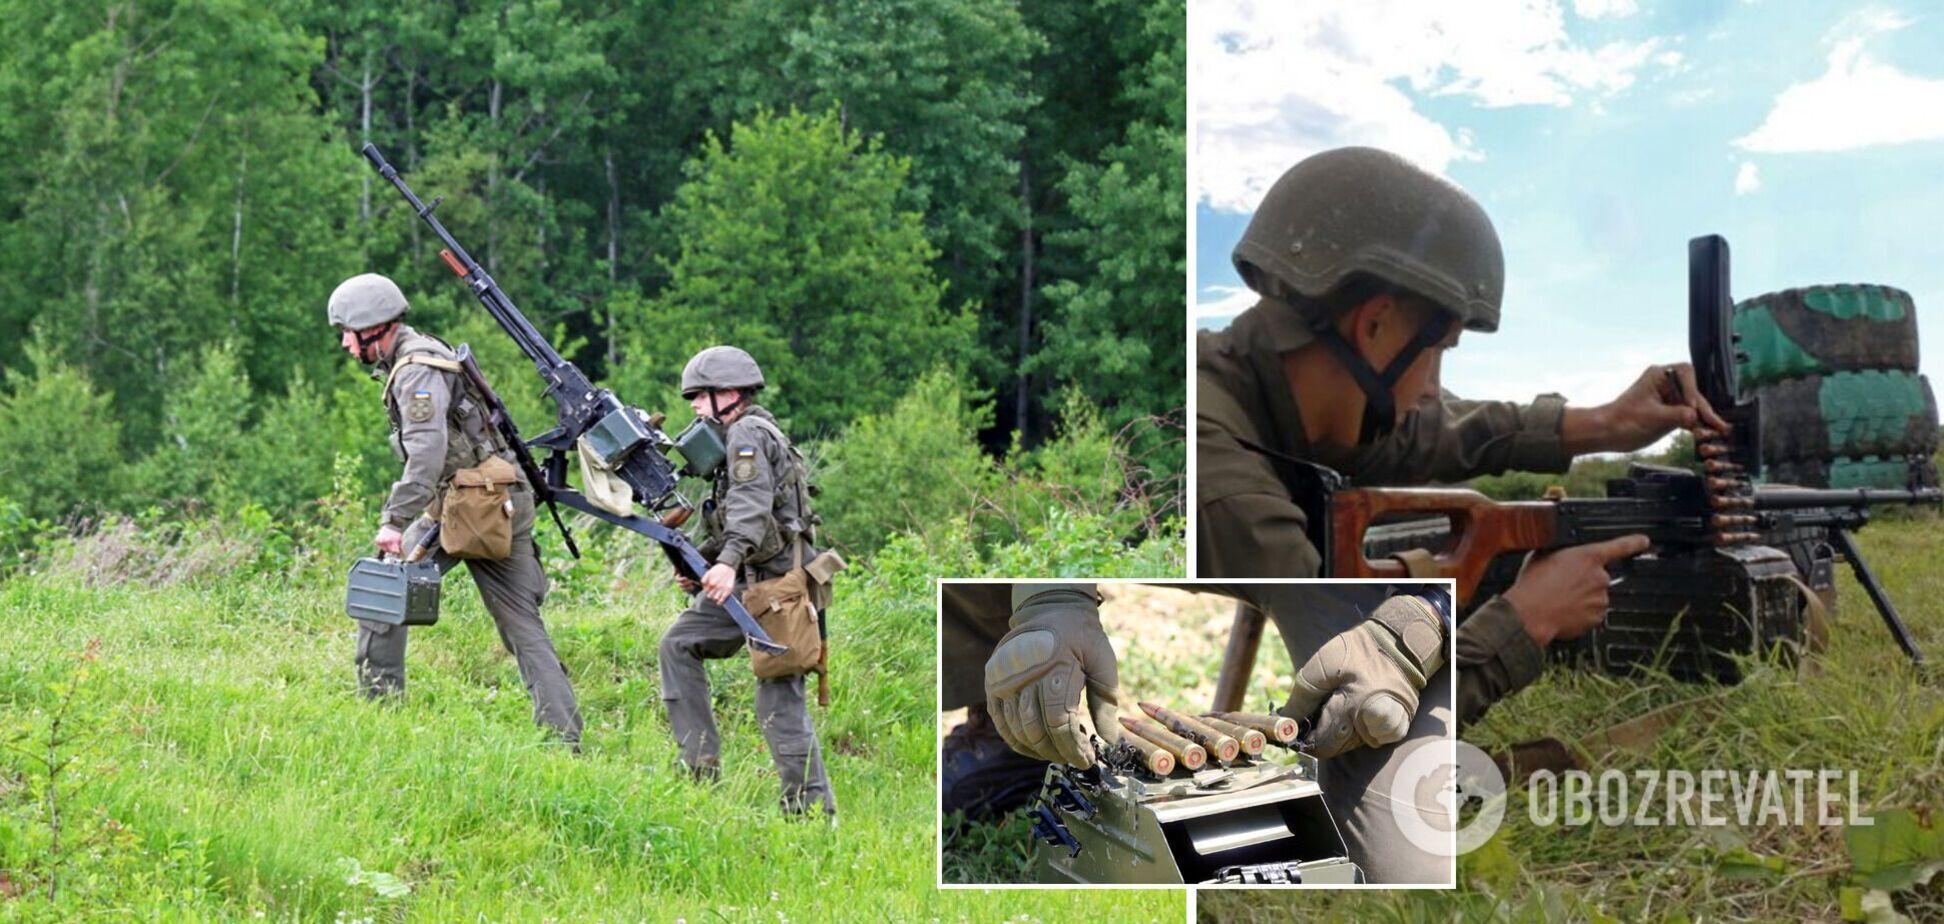 Пулеметчики Нацгвардии провели учения на Прикарпатье: расстреляли 'пехоту противника'. Фото